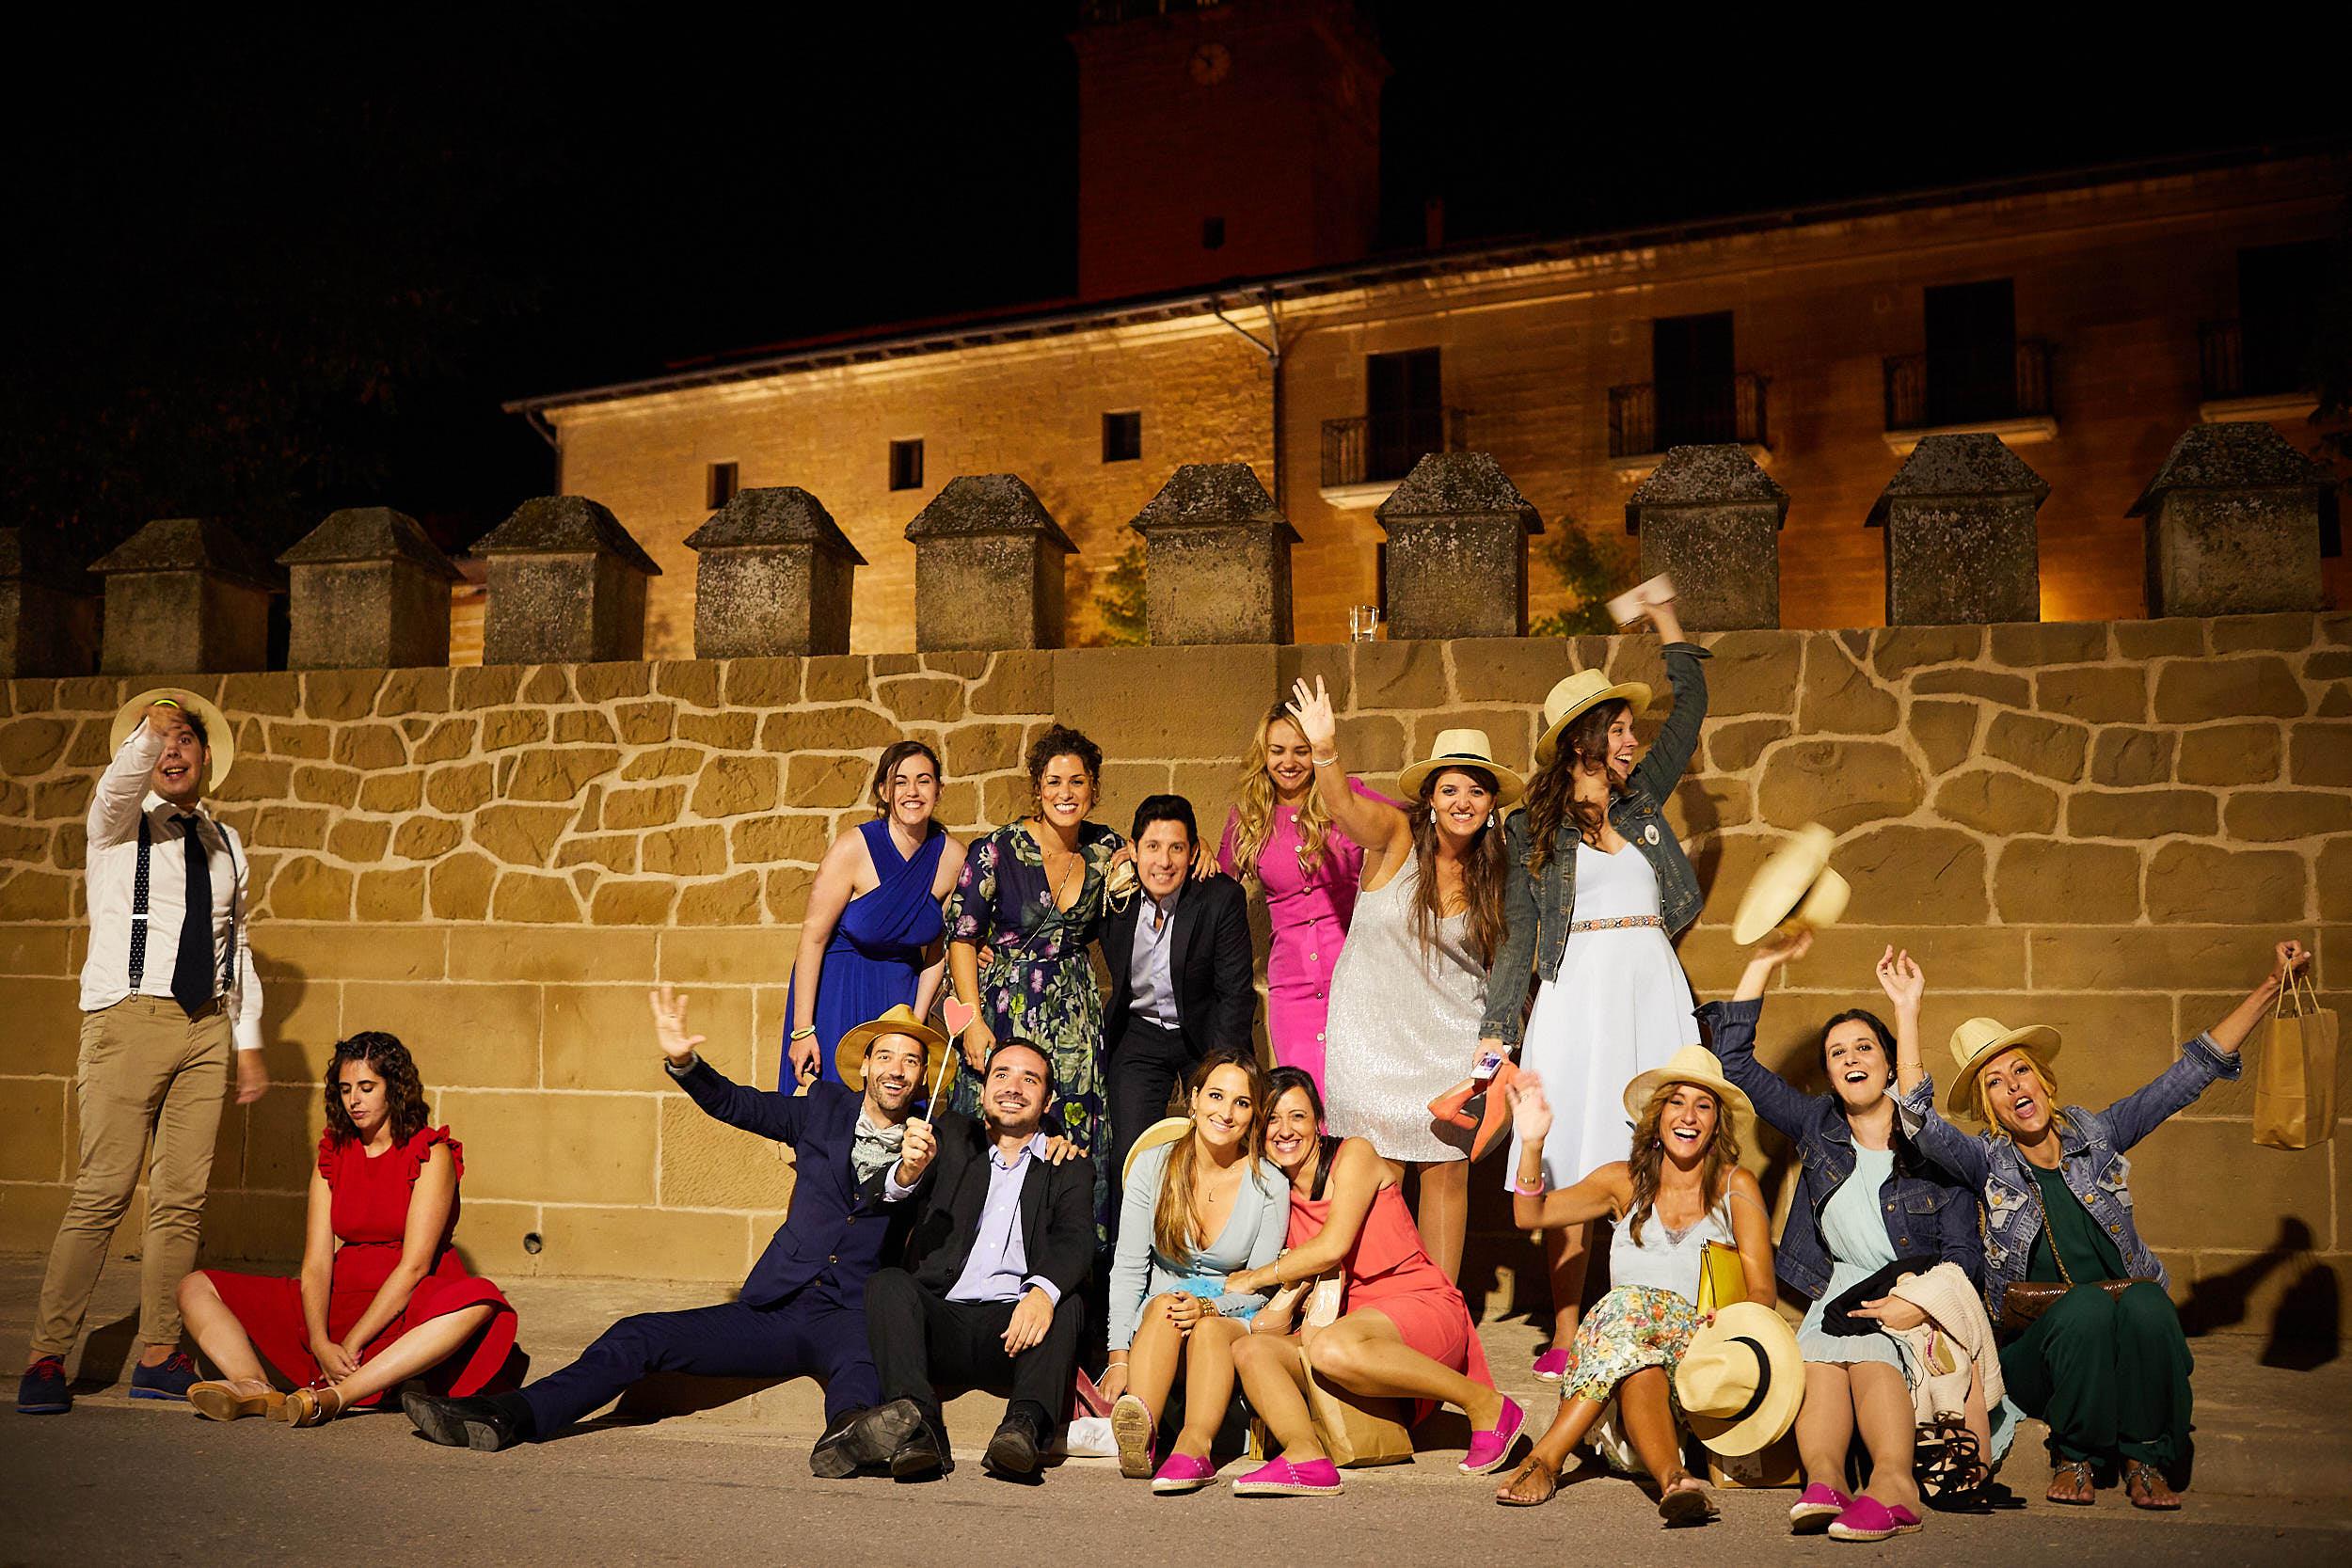 Fotógrafo de boda con estilo documental y fotoperiodismo en La Rioja Palacio Casafuerte Zarraton La Rioja Spain James Sturcke Photographer sturcke.org_00039.jpg